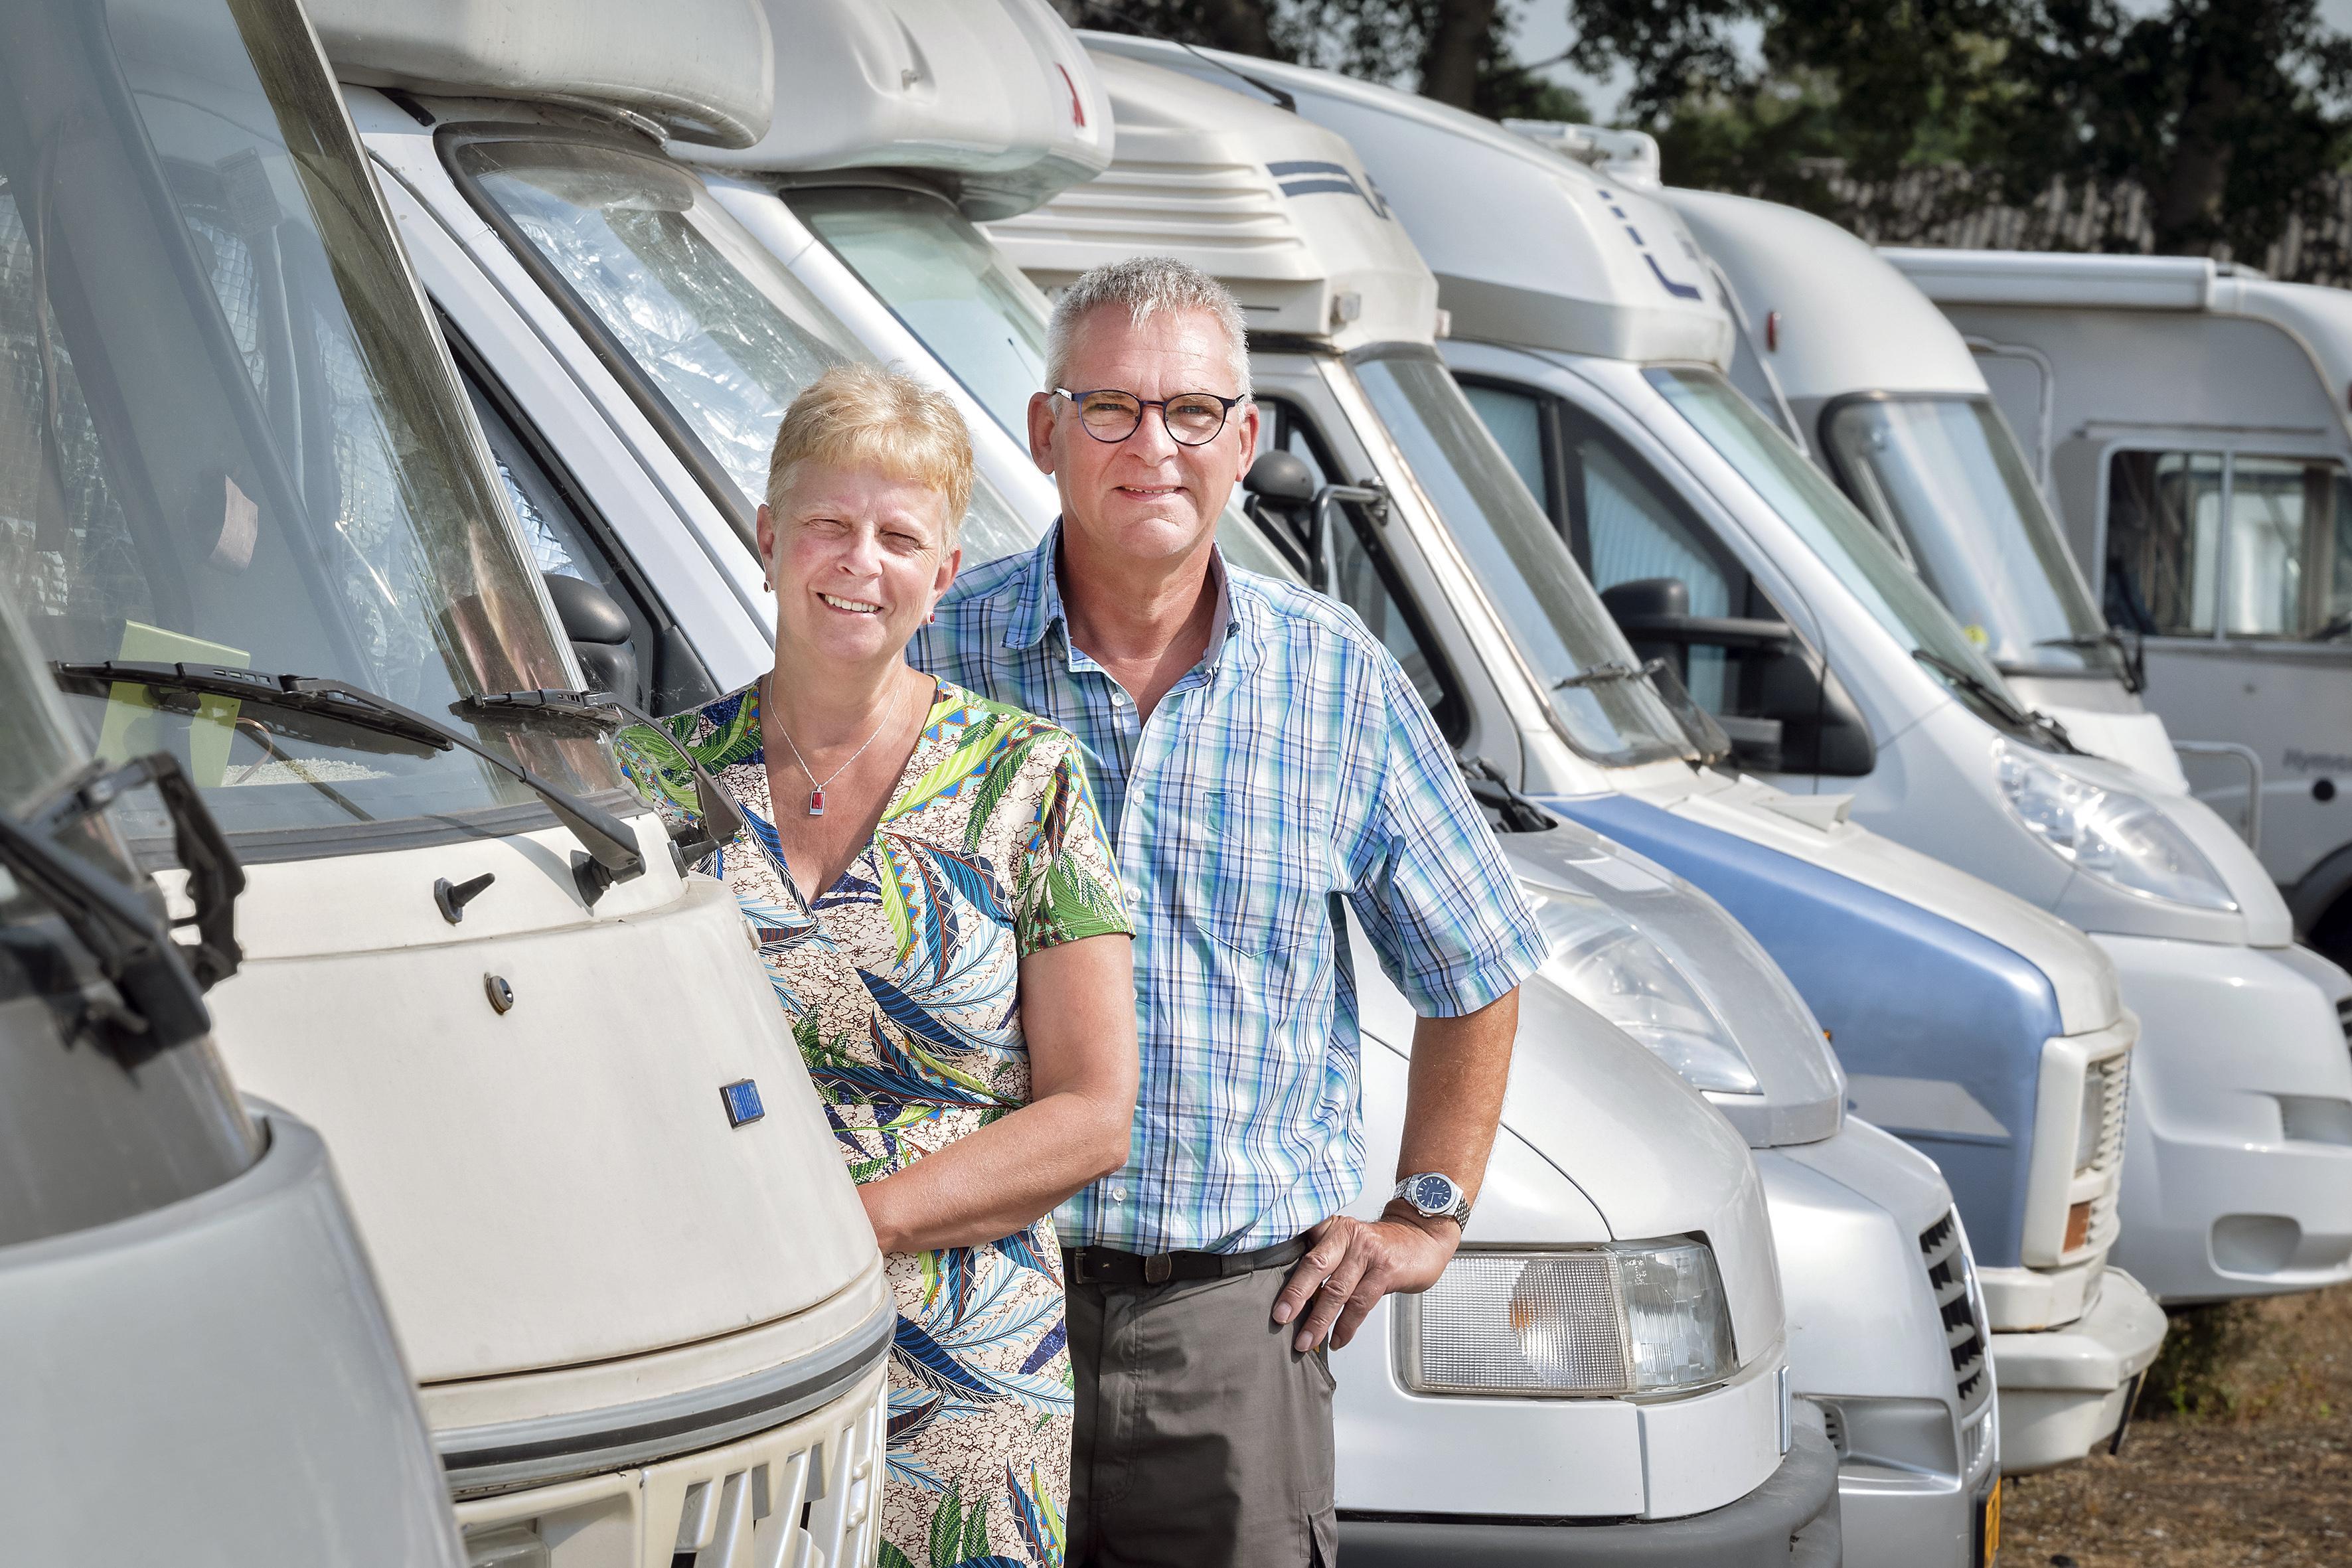 Opvolgers gezocht! Na 35 jaar willen Klaas en Alda samen op vakantie